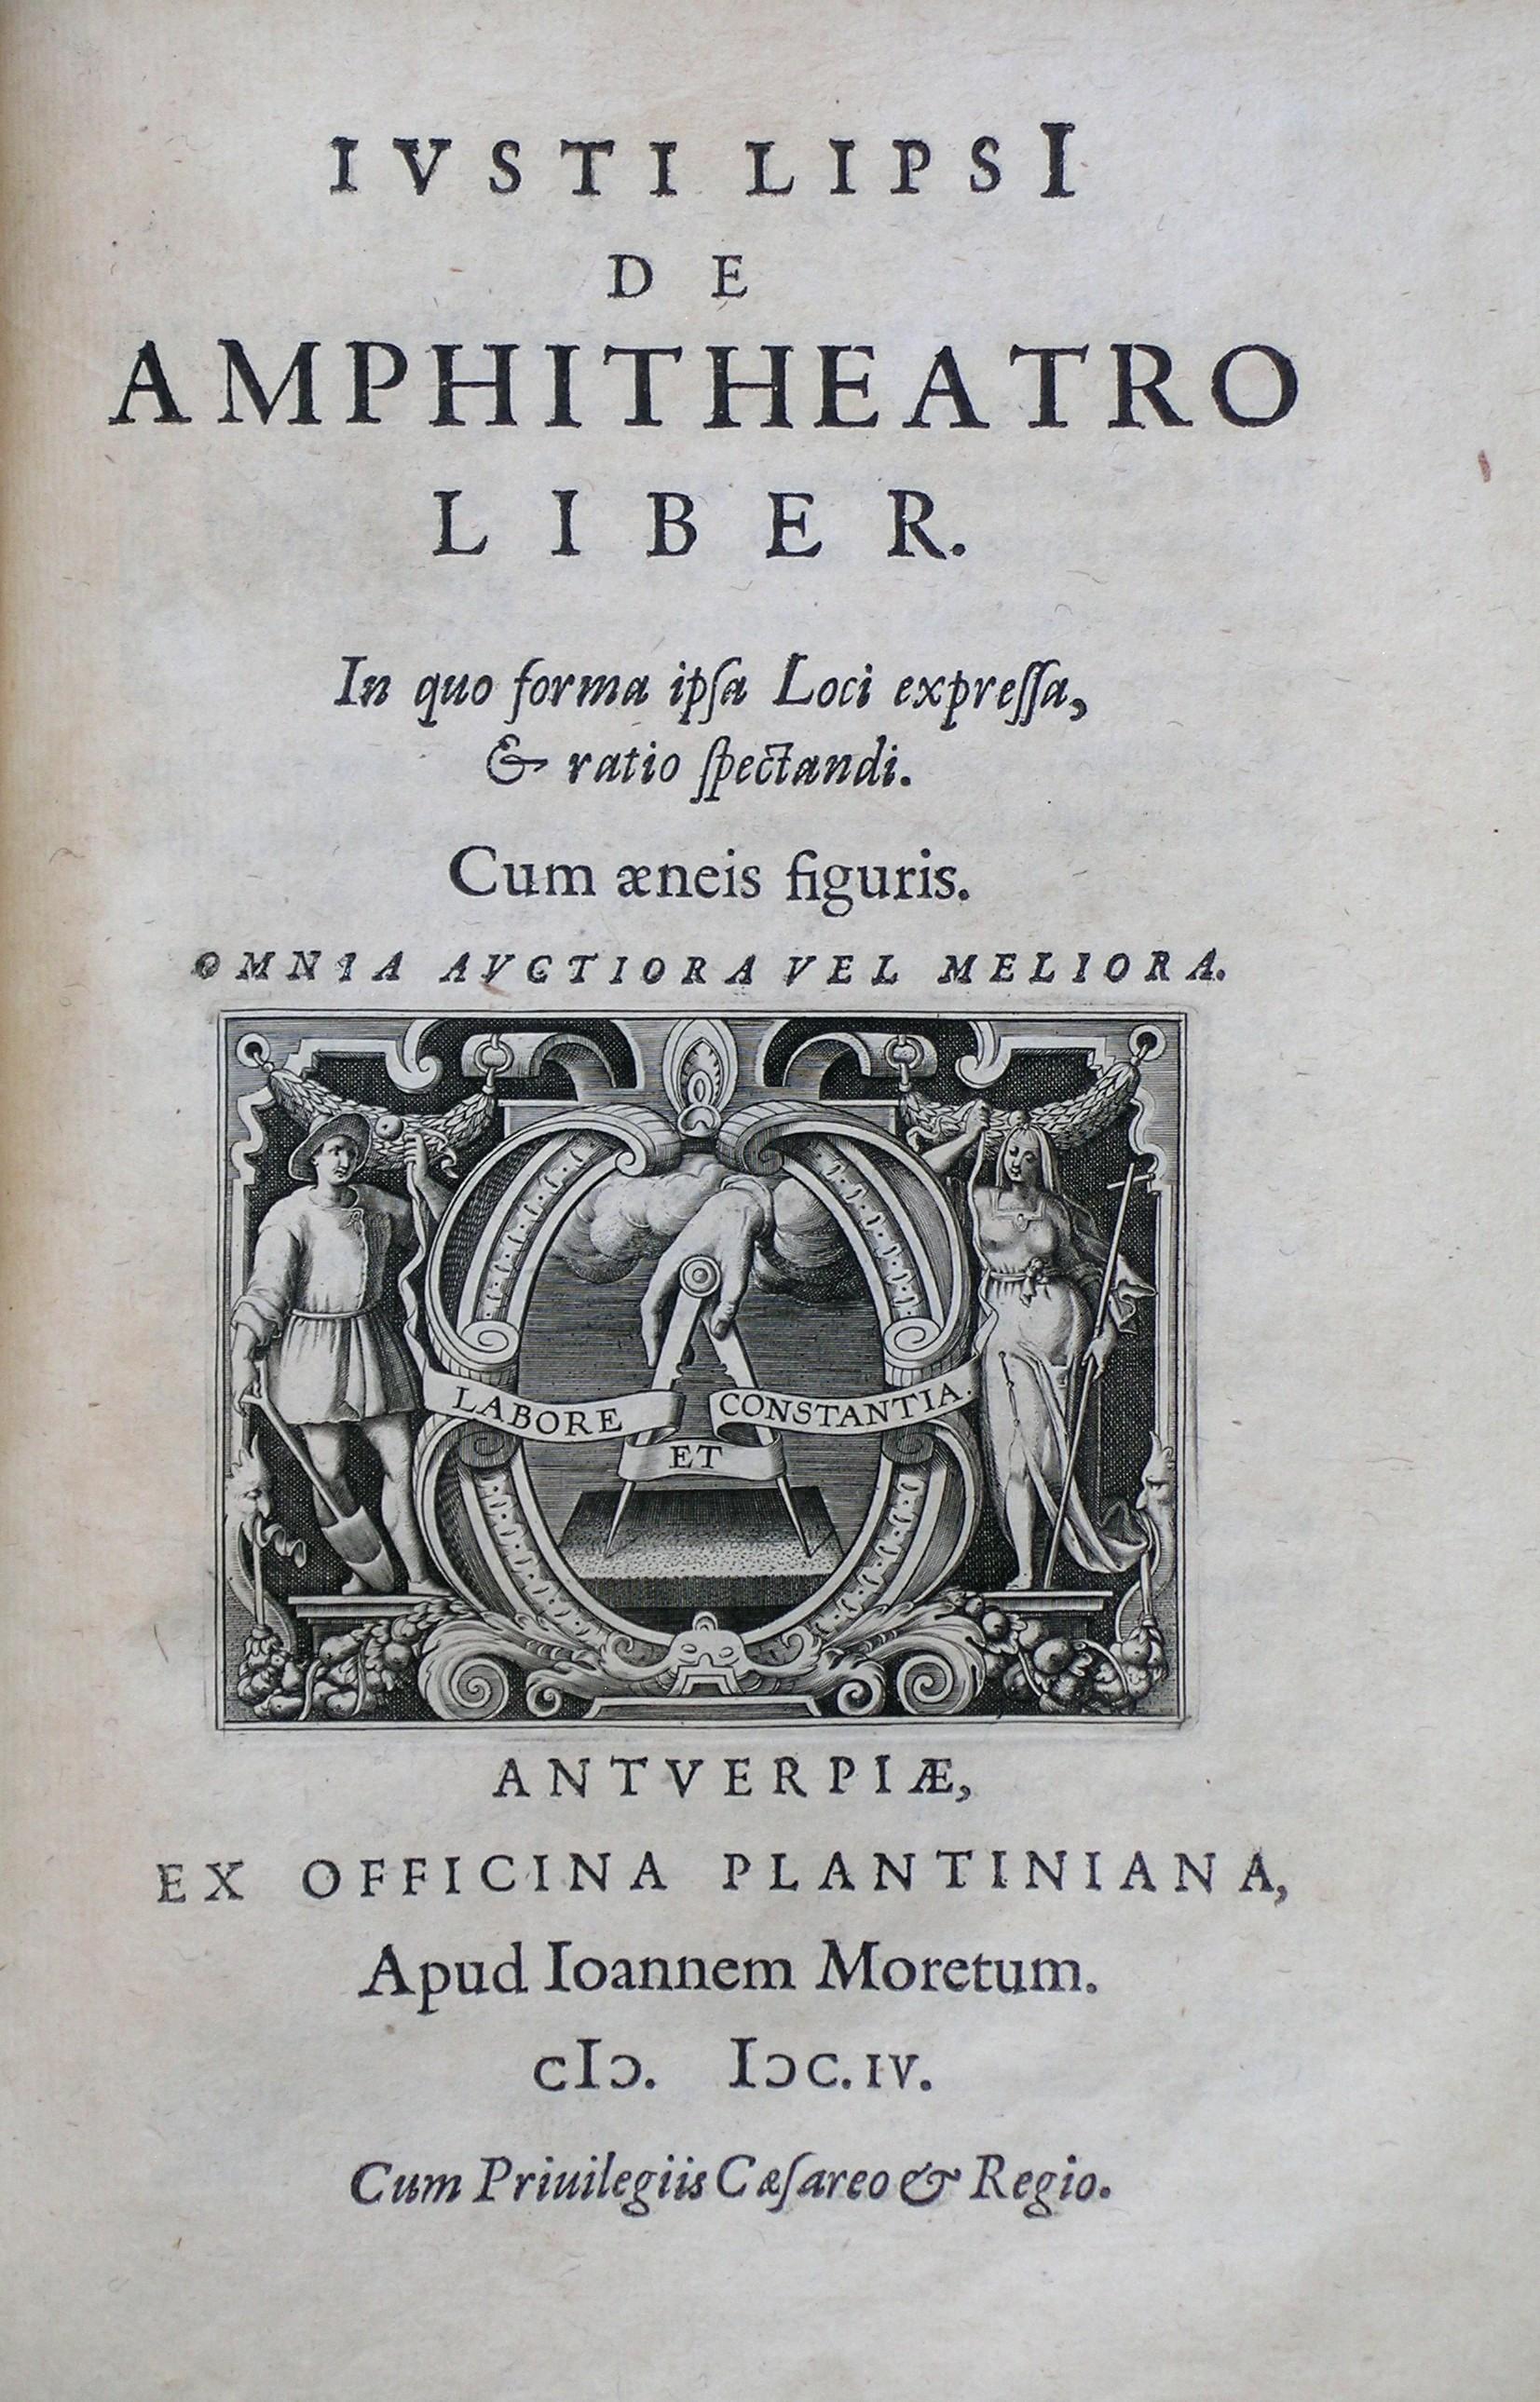 De amphitheatro liber ; De amphitheatris quae extra Romam libellus, 1604